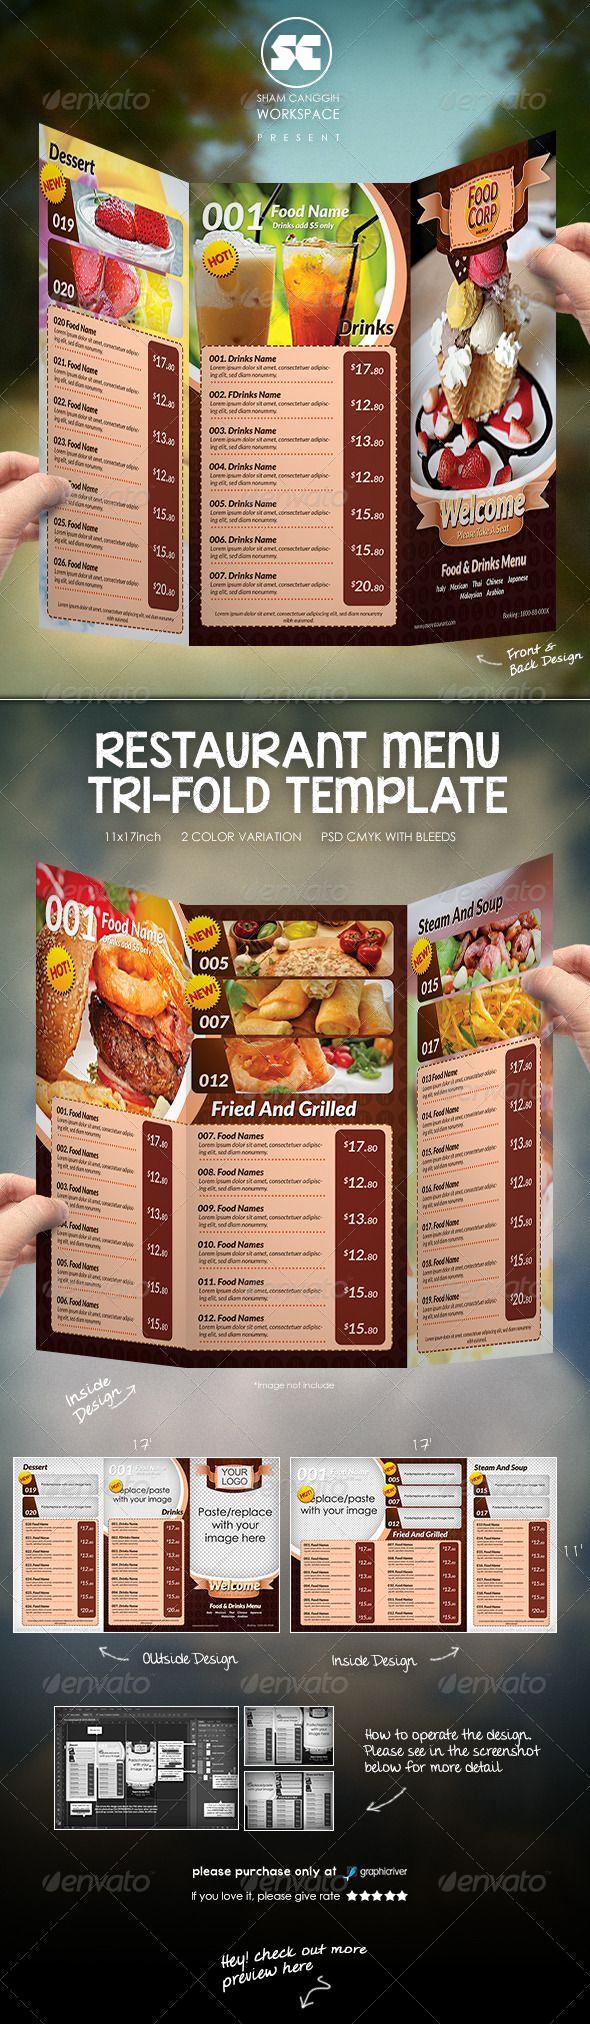 Tri Fold Menu Template Awesome Tri Fold Restaurant Menu Template